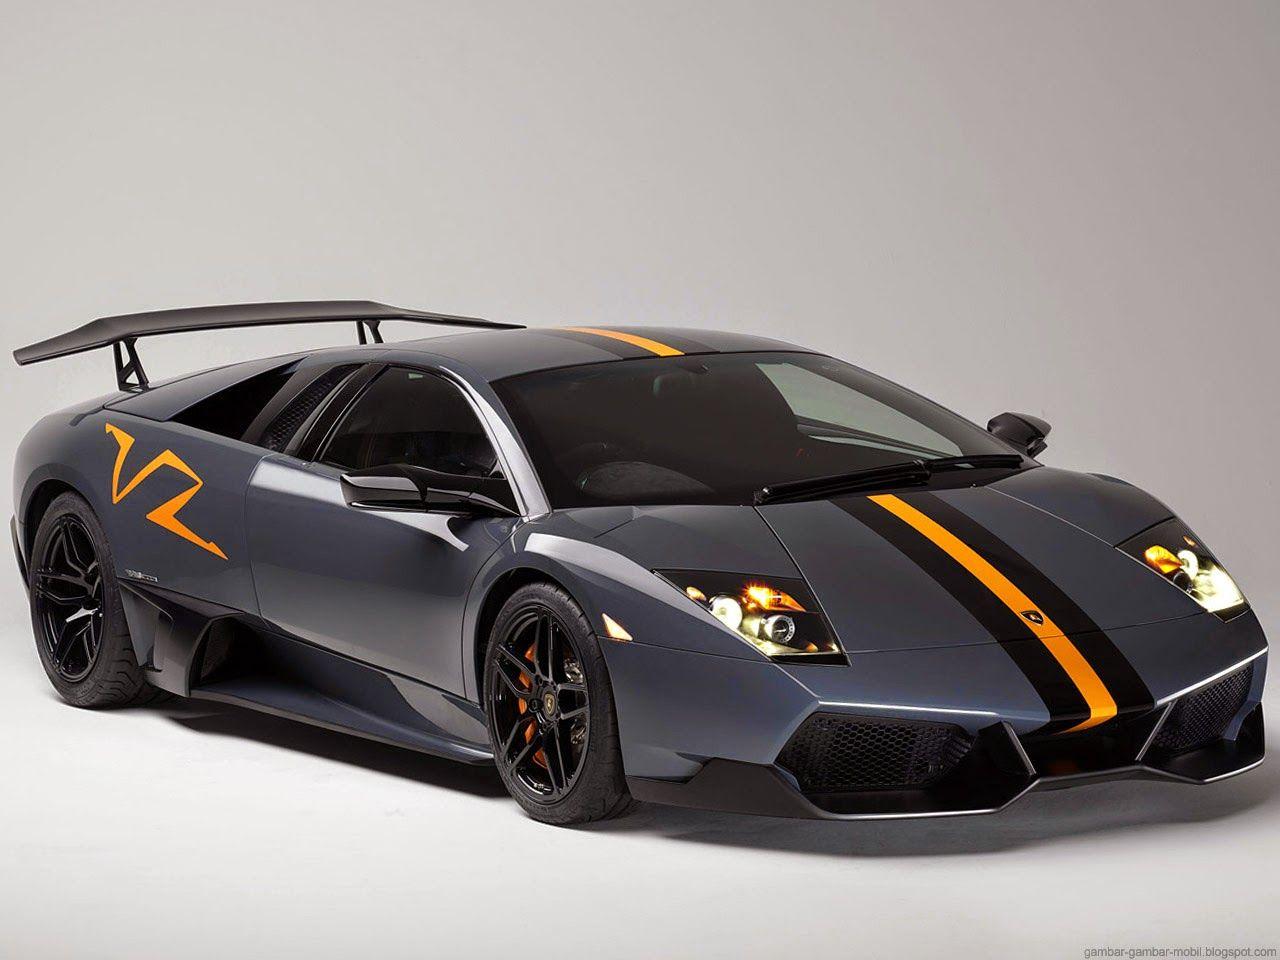 Kumpulan Modifikasi Mobil Lamborghini Gallardo 2018